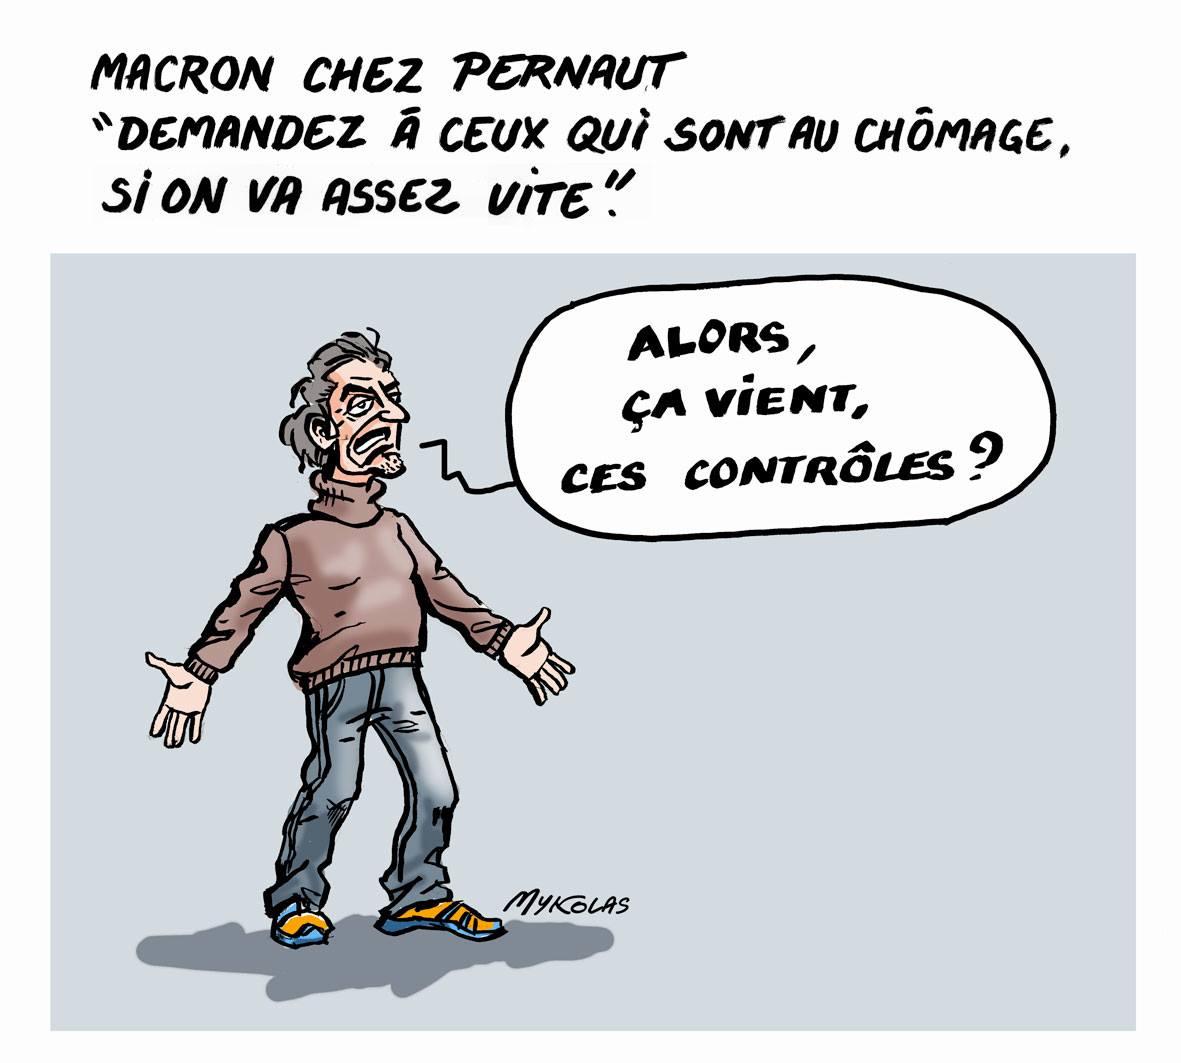 dessin d'actualité humoristique d'un chômeur s'impatientant d'être contrôlé